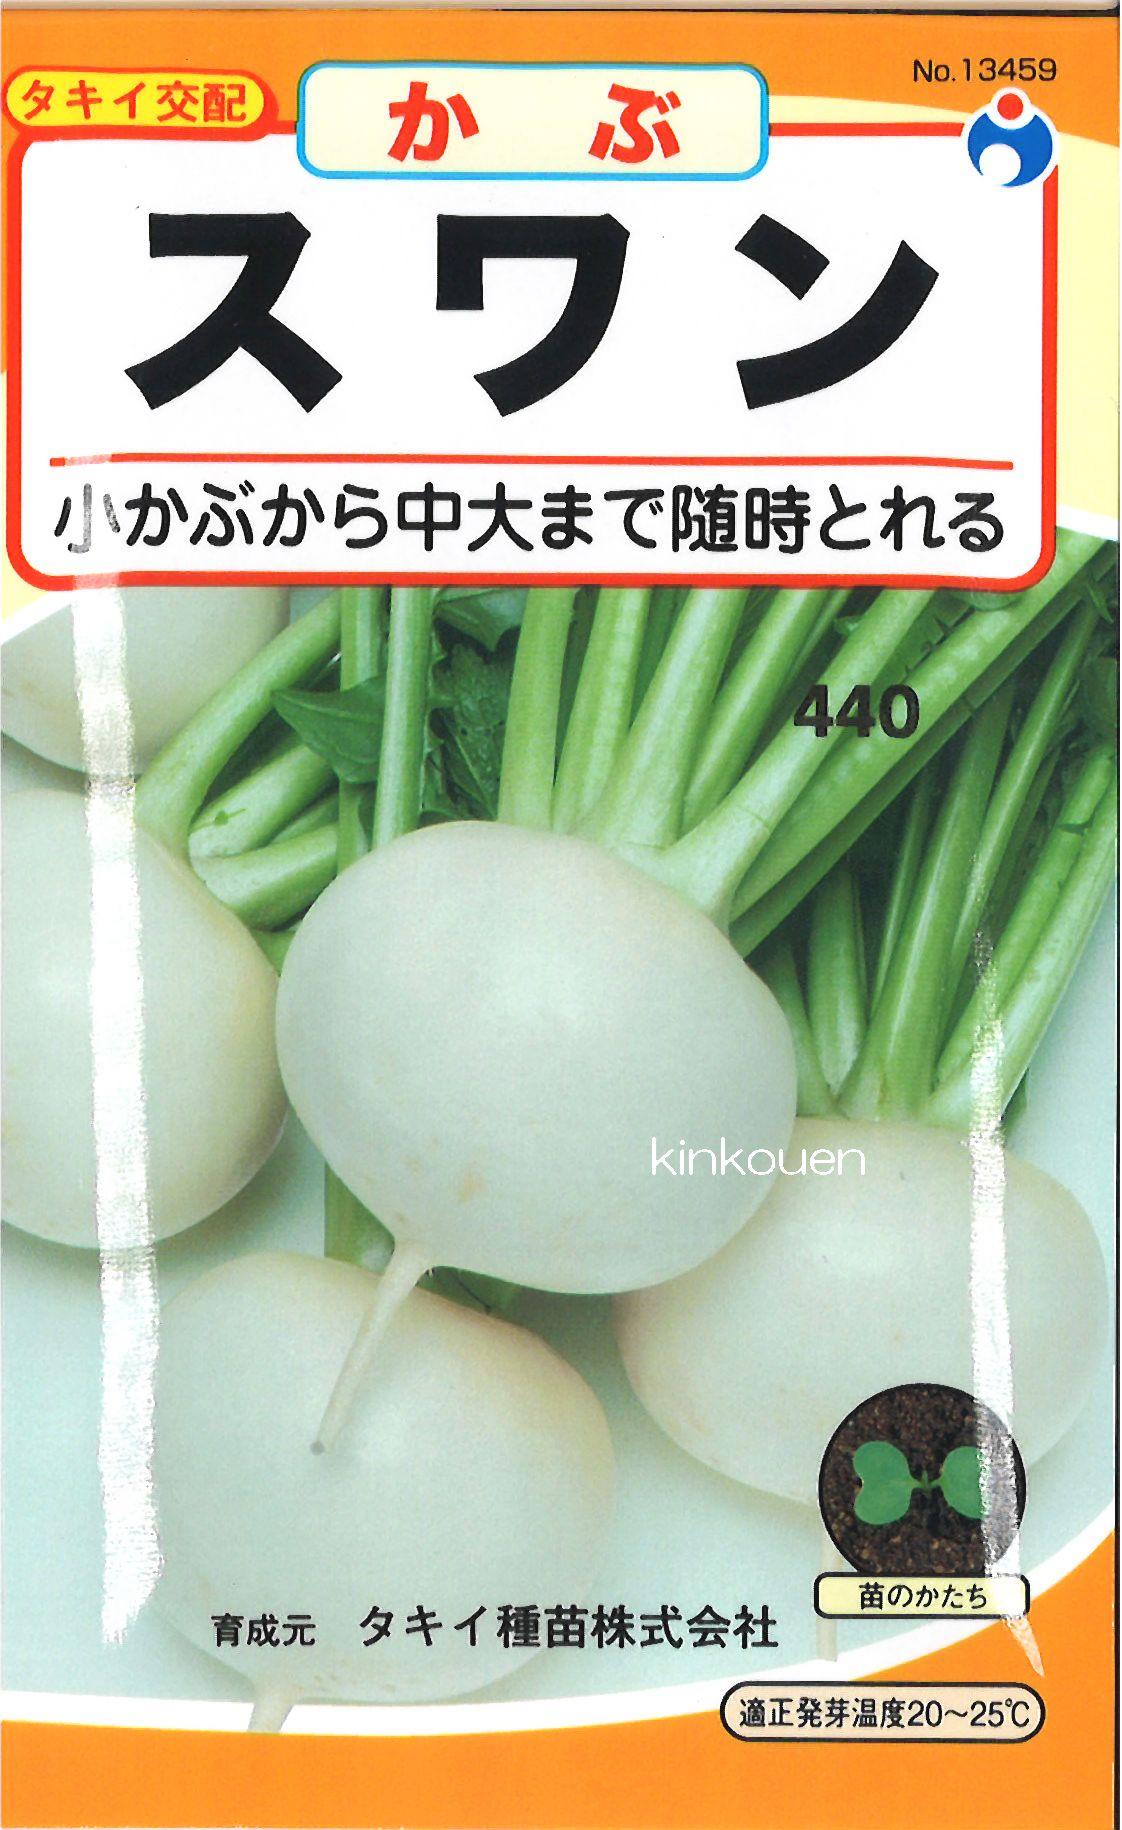 【代引不可】【5袋まで送料80円】 □ カブ スワンかぶ